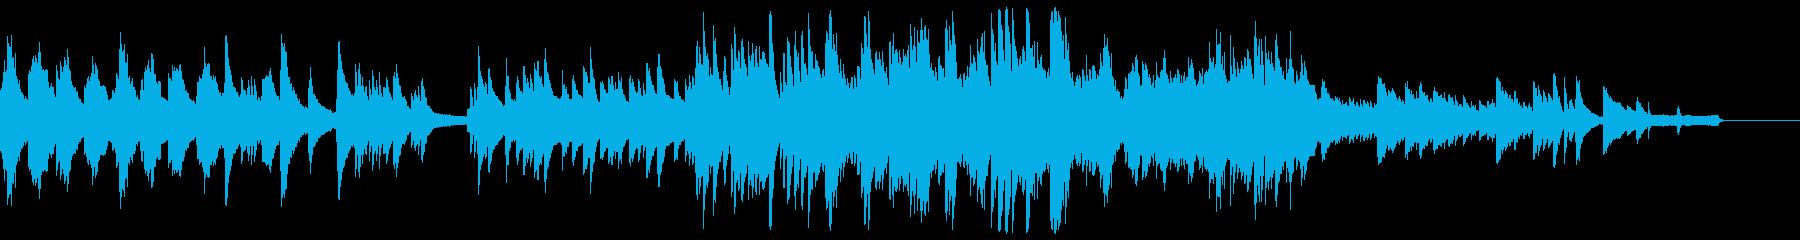 暖かくも少し切ない雰囲気のピアノ曲の再生済みの波形